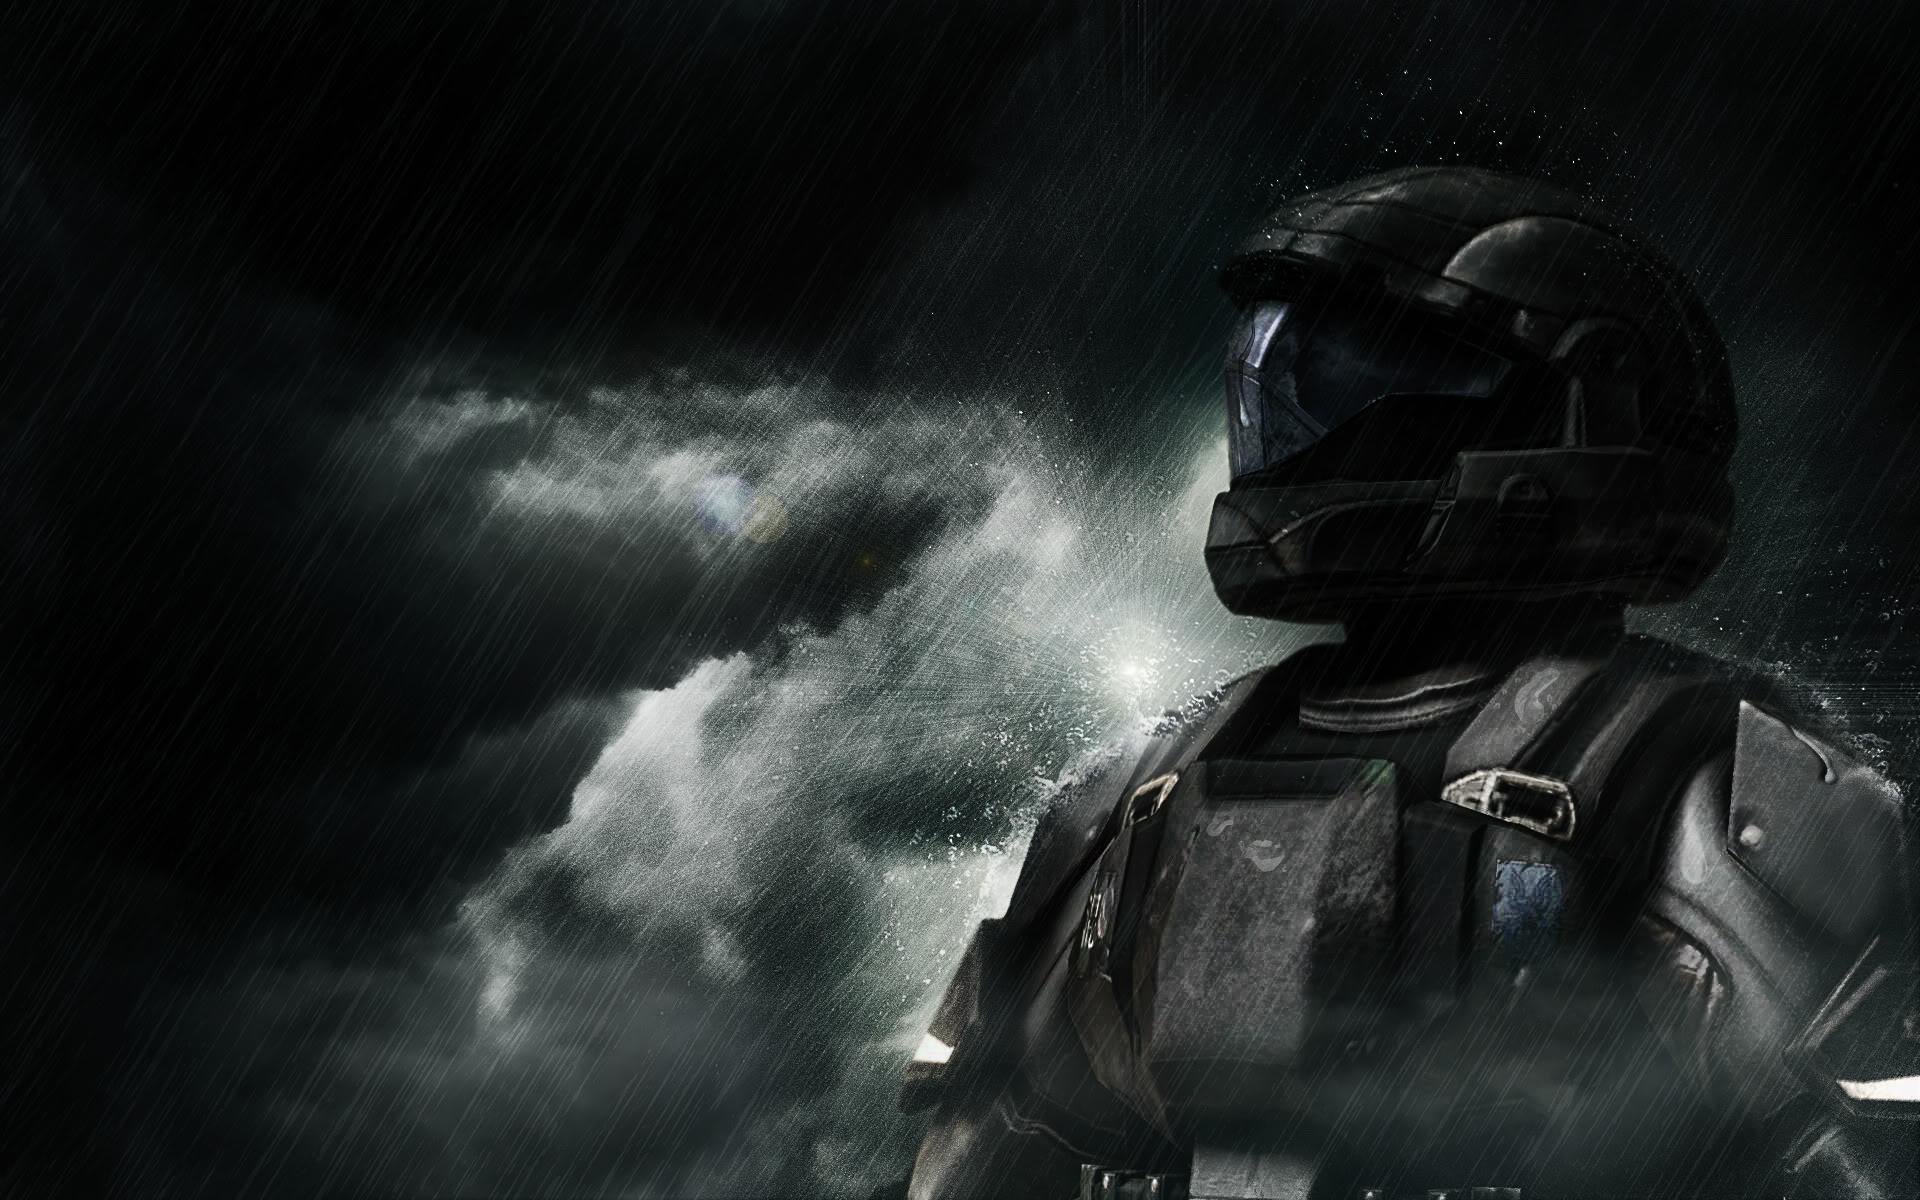 Halo 4 Quotes Quotesgram: Halo Reach Sad Quotes. QuotesGram